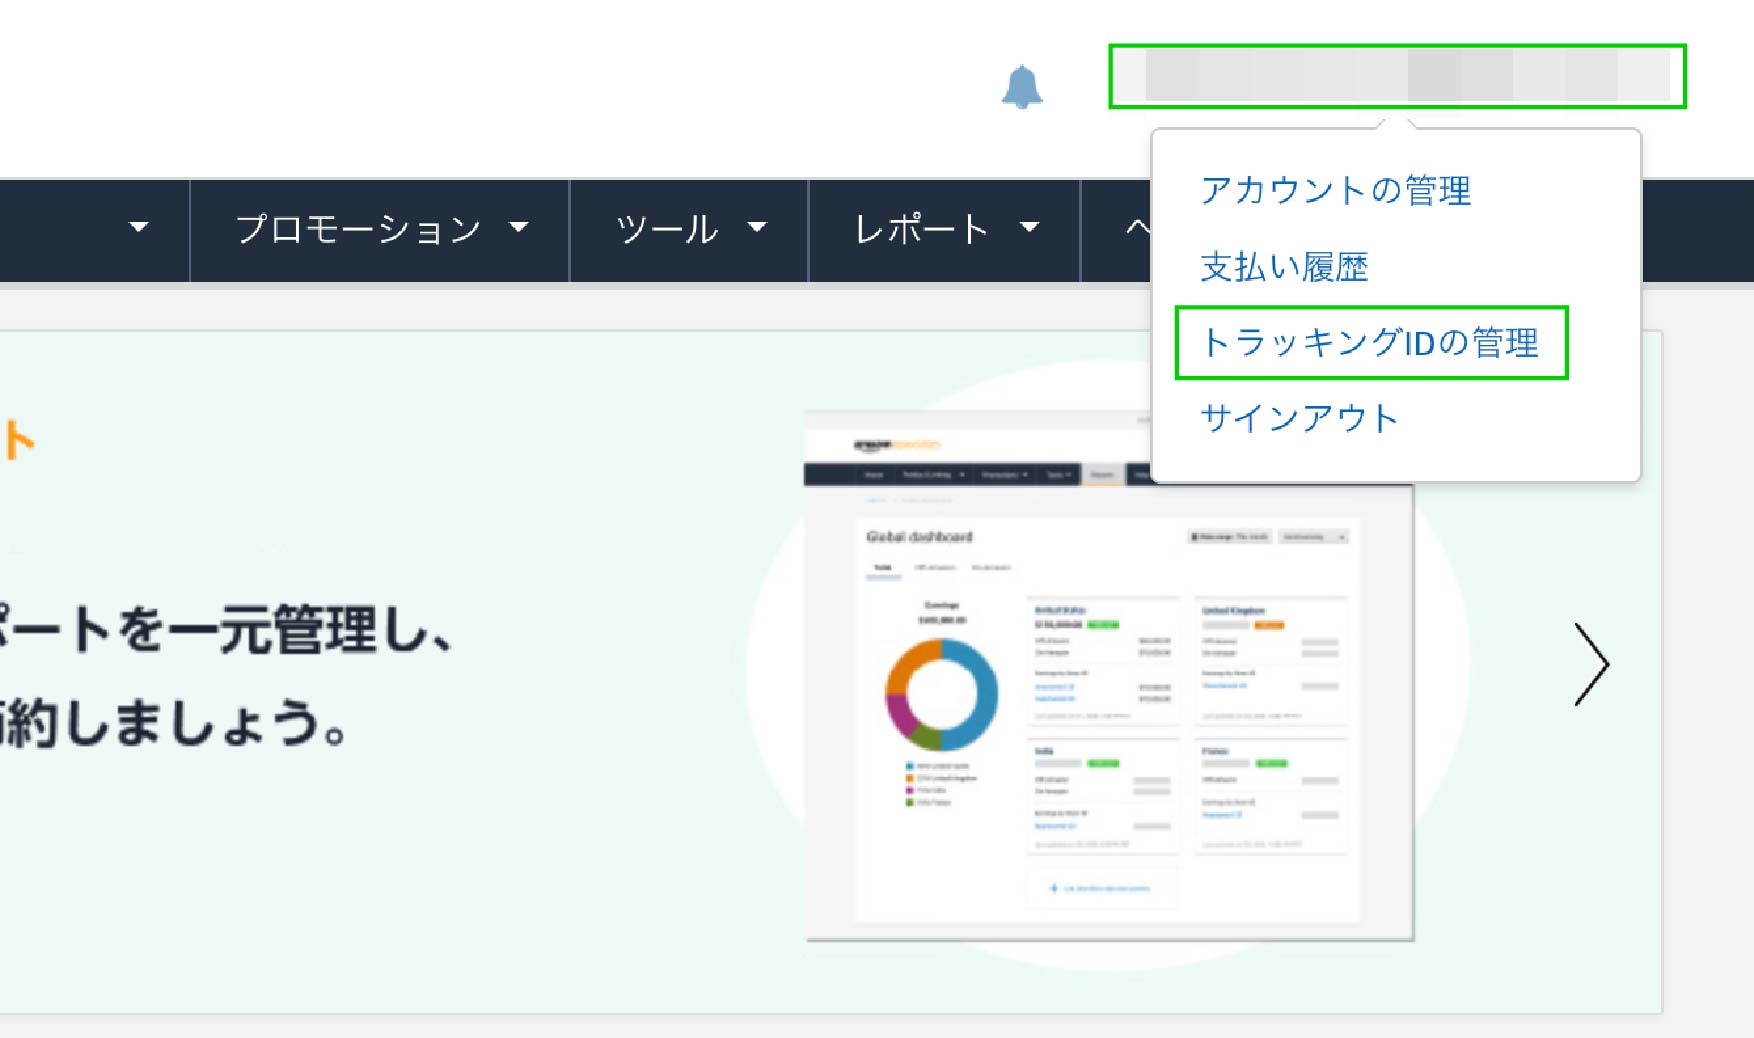 【完全解説】物販用プラグインRinkerの導入〜設定までの方法16